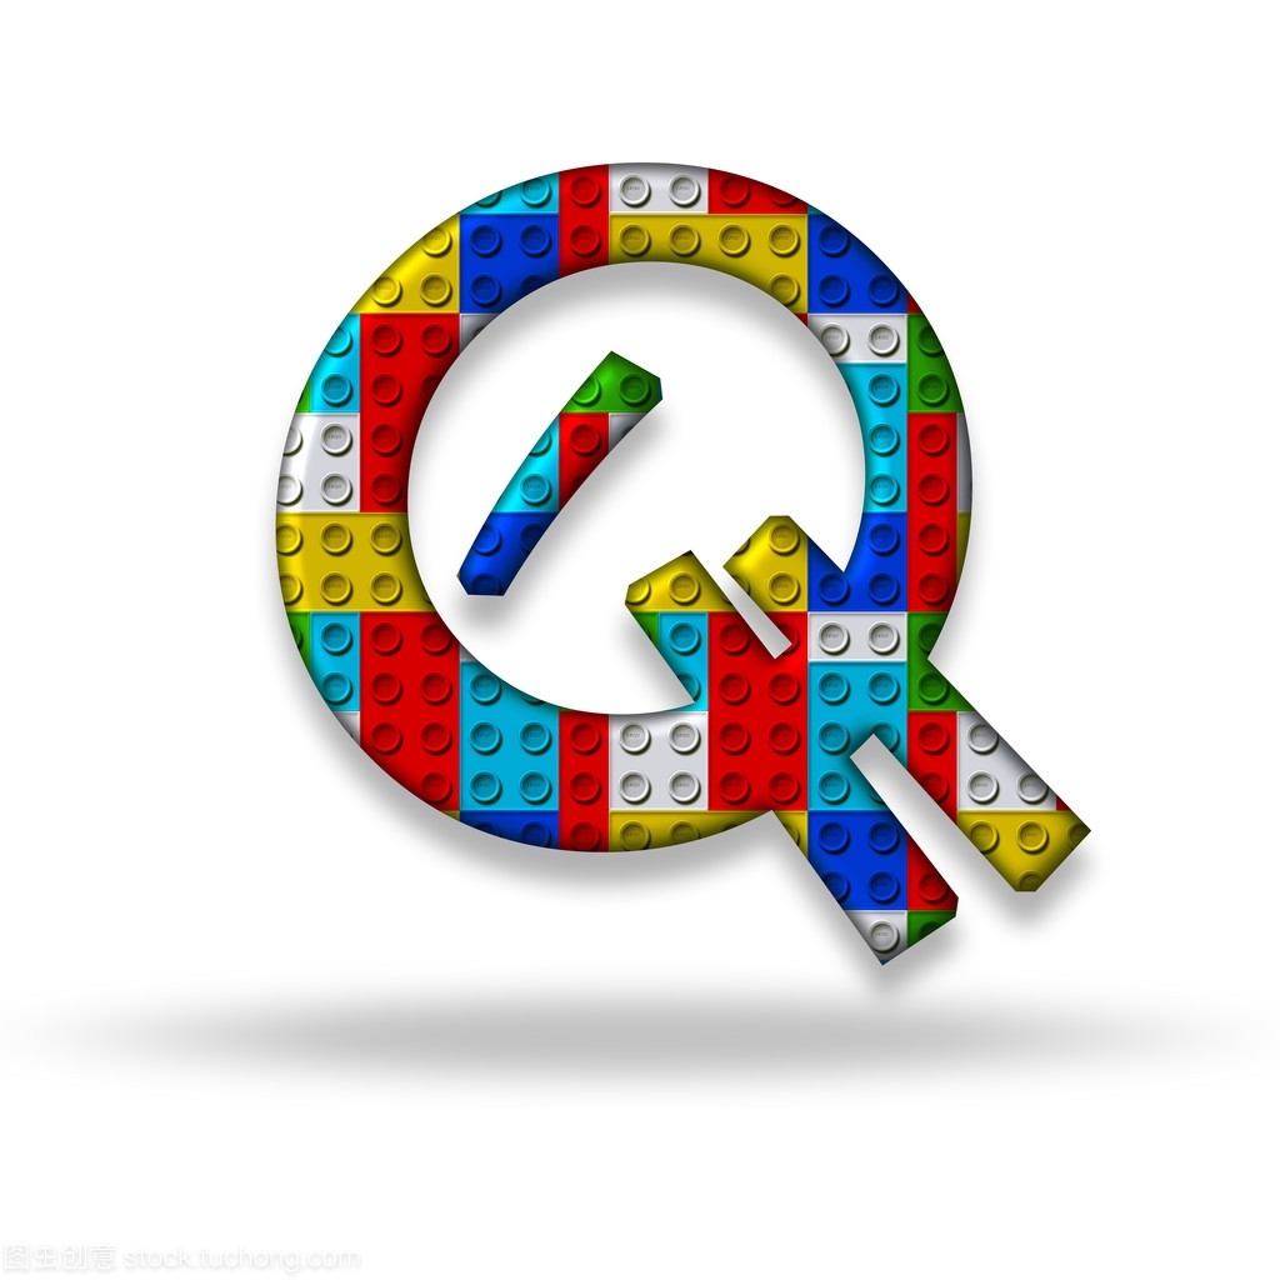 字母Q块设计器游戏视频手弓图片